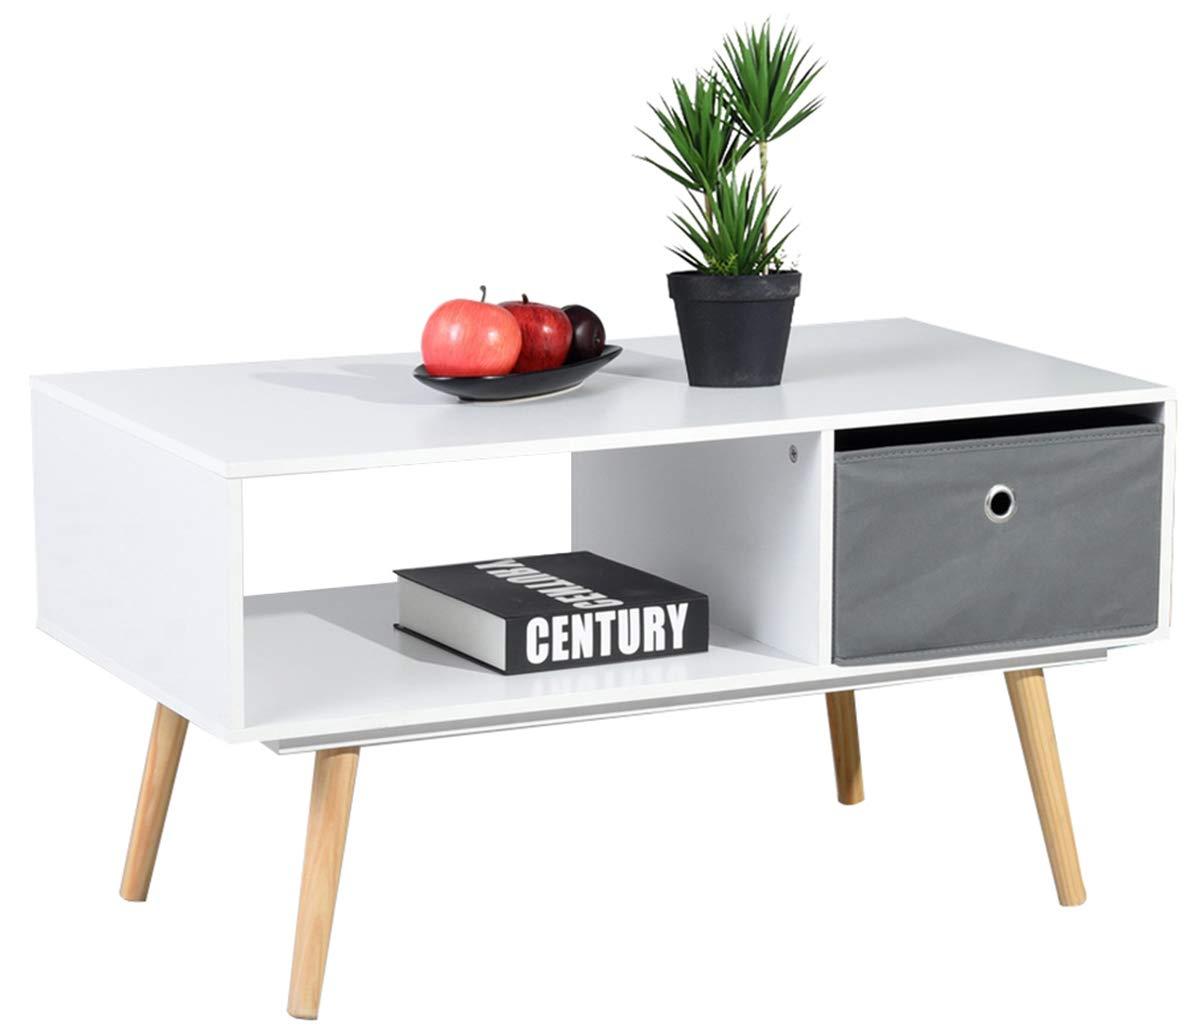 Asuuny Table Basse Moderne 2 Compartiments Avec Tiroir Pour Salon 90 X 48 X 47 Cm Blanc Deco Royale